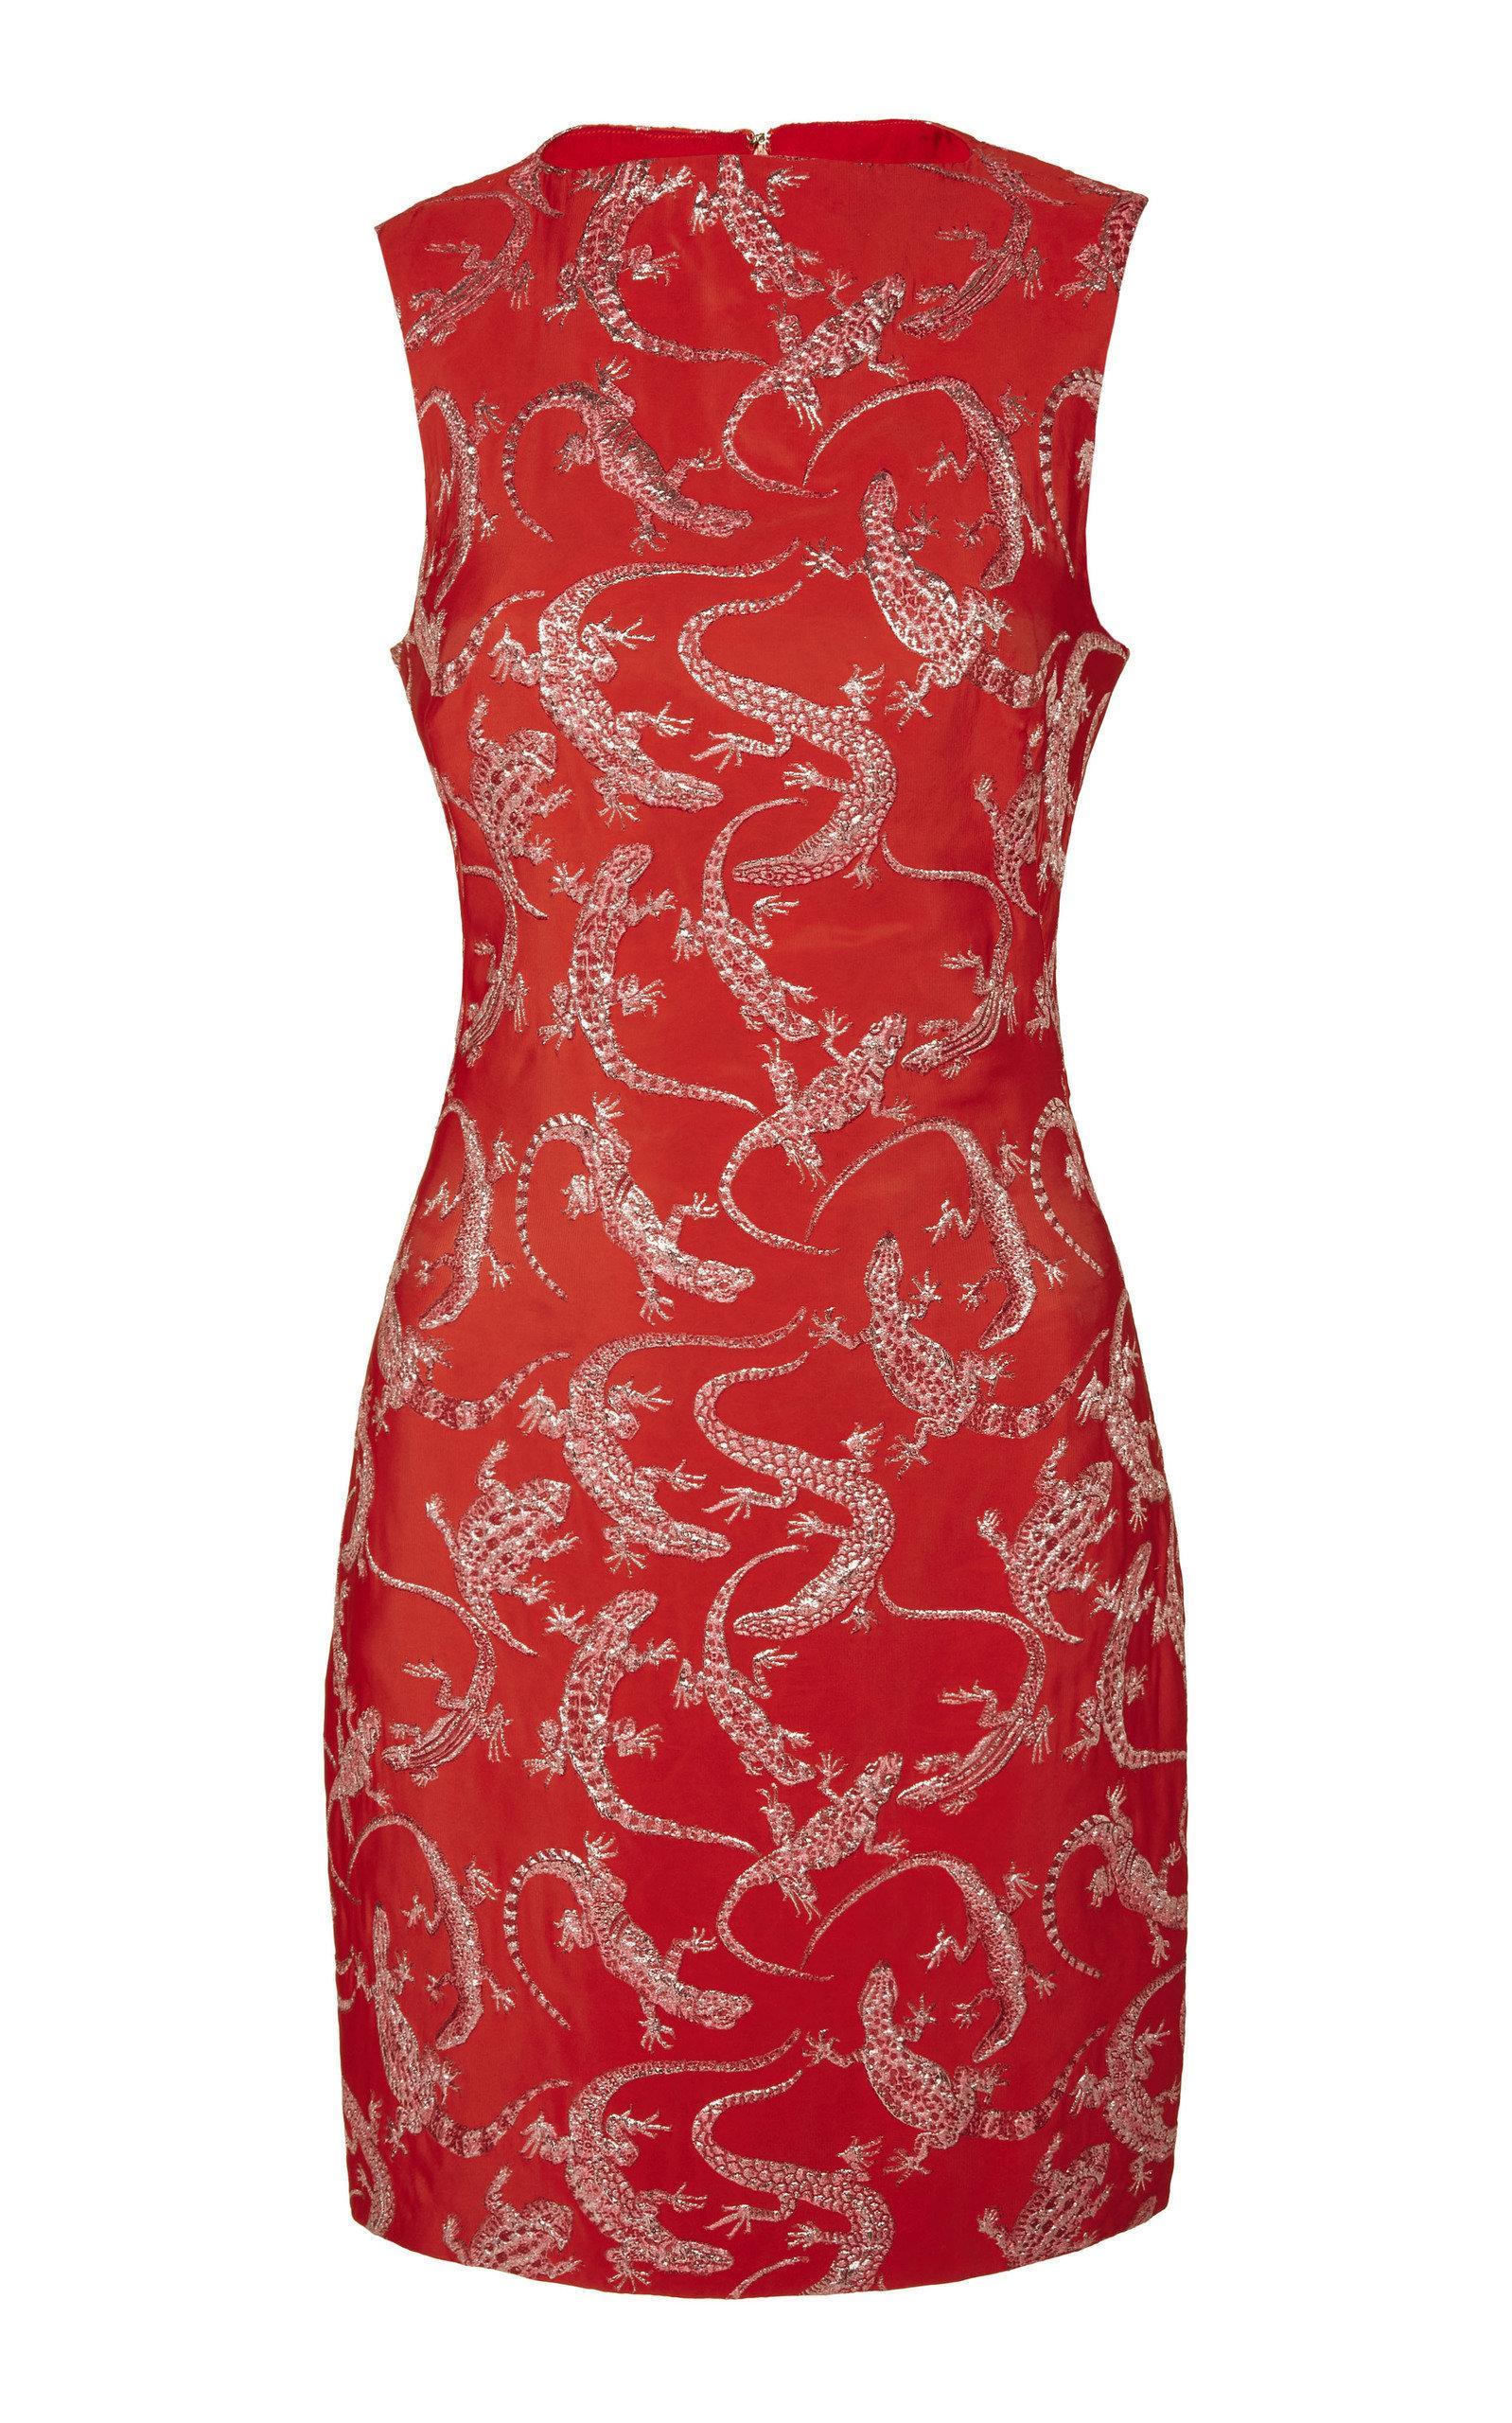 Brandon Maxwell Lizard Jacquard Mini Dress In Red